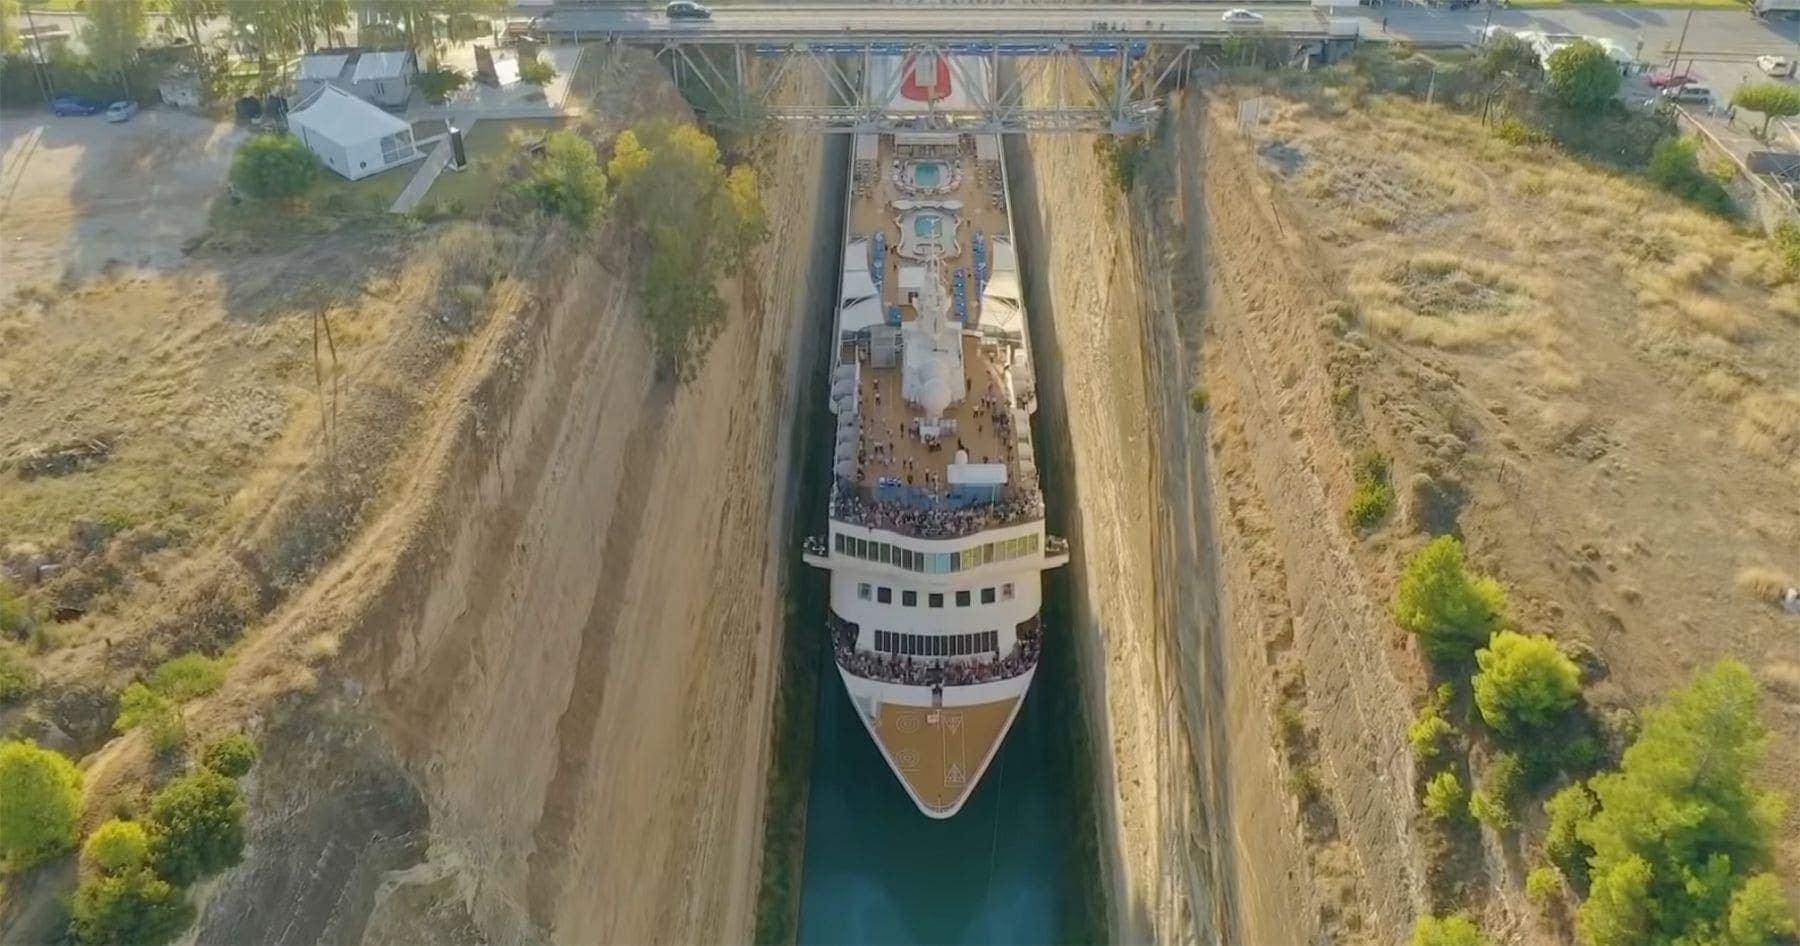 Die MS Braemar und der wirklich enge Kanal von Korinth | WTF | Was is hier eigentlich los?